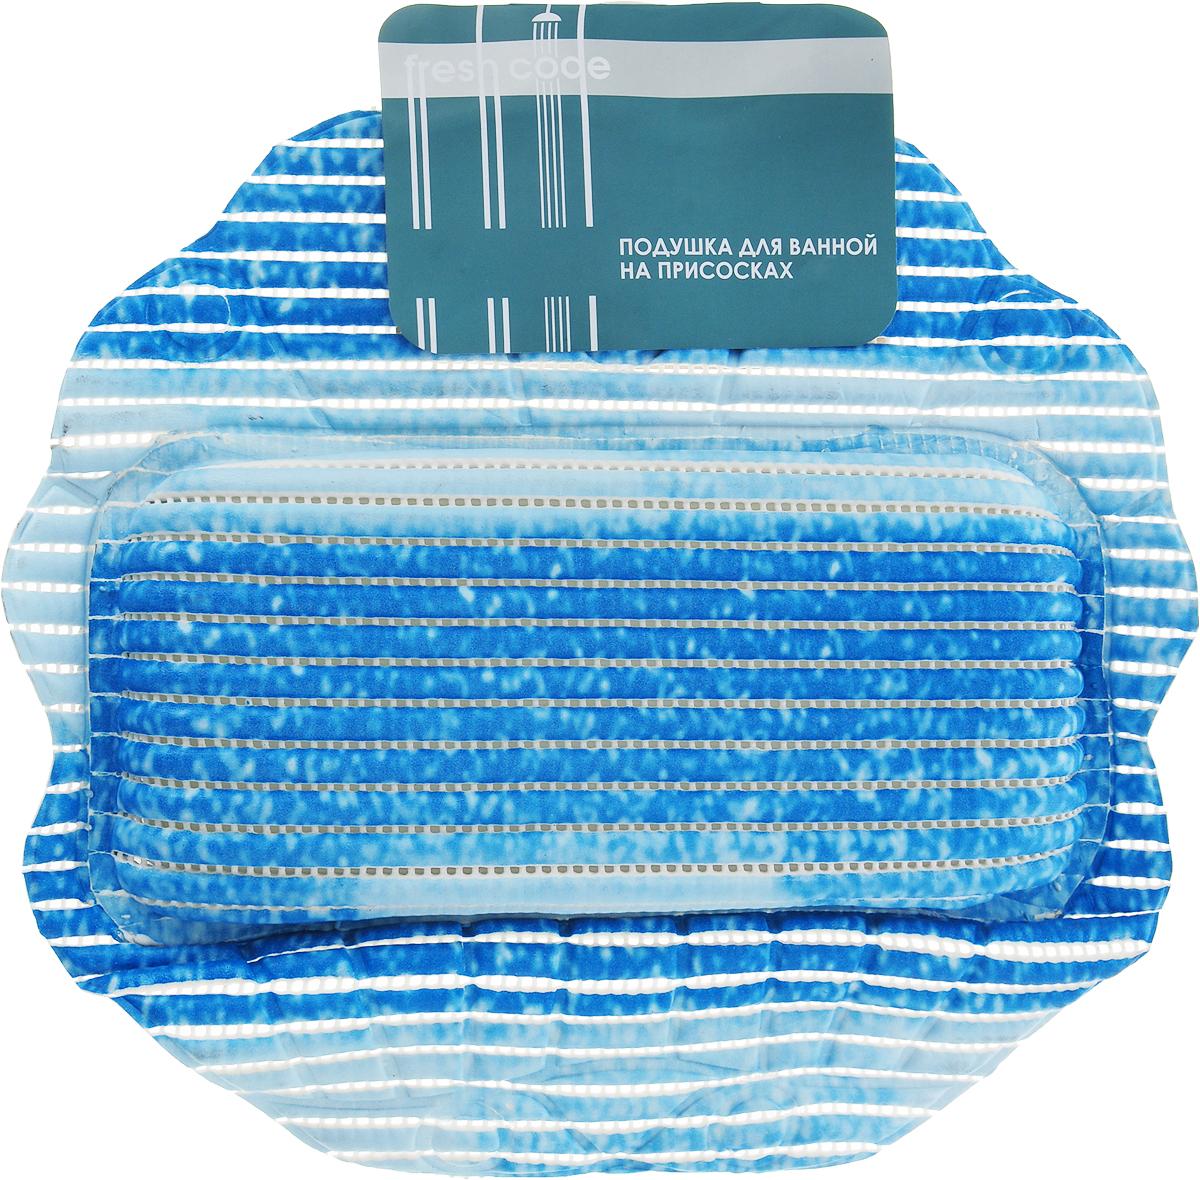 Подушка для ванны Fresh Code Flexy, на присосках, цвет: голубой, синий, 33 х 33 см бра 22 х 33 х 33